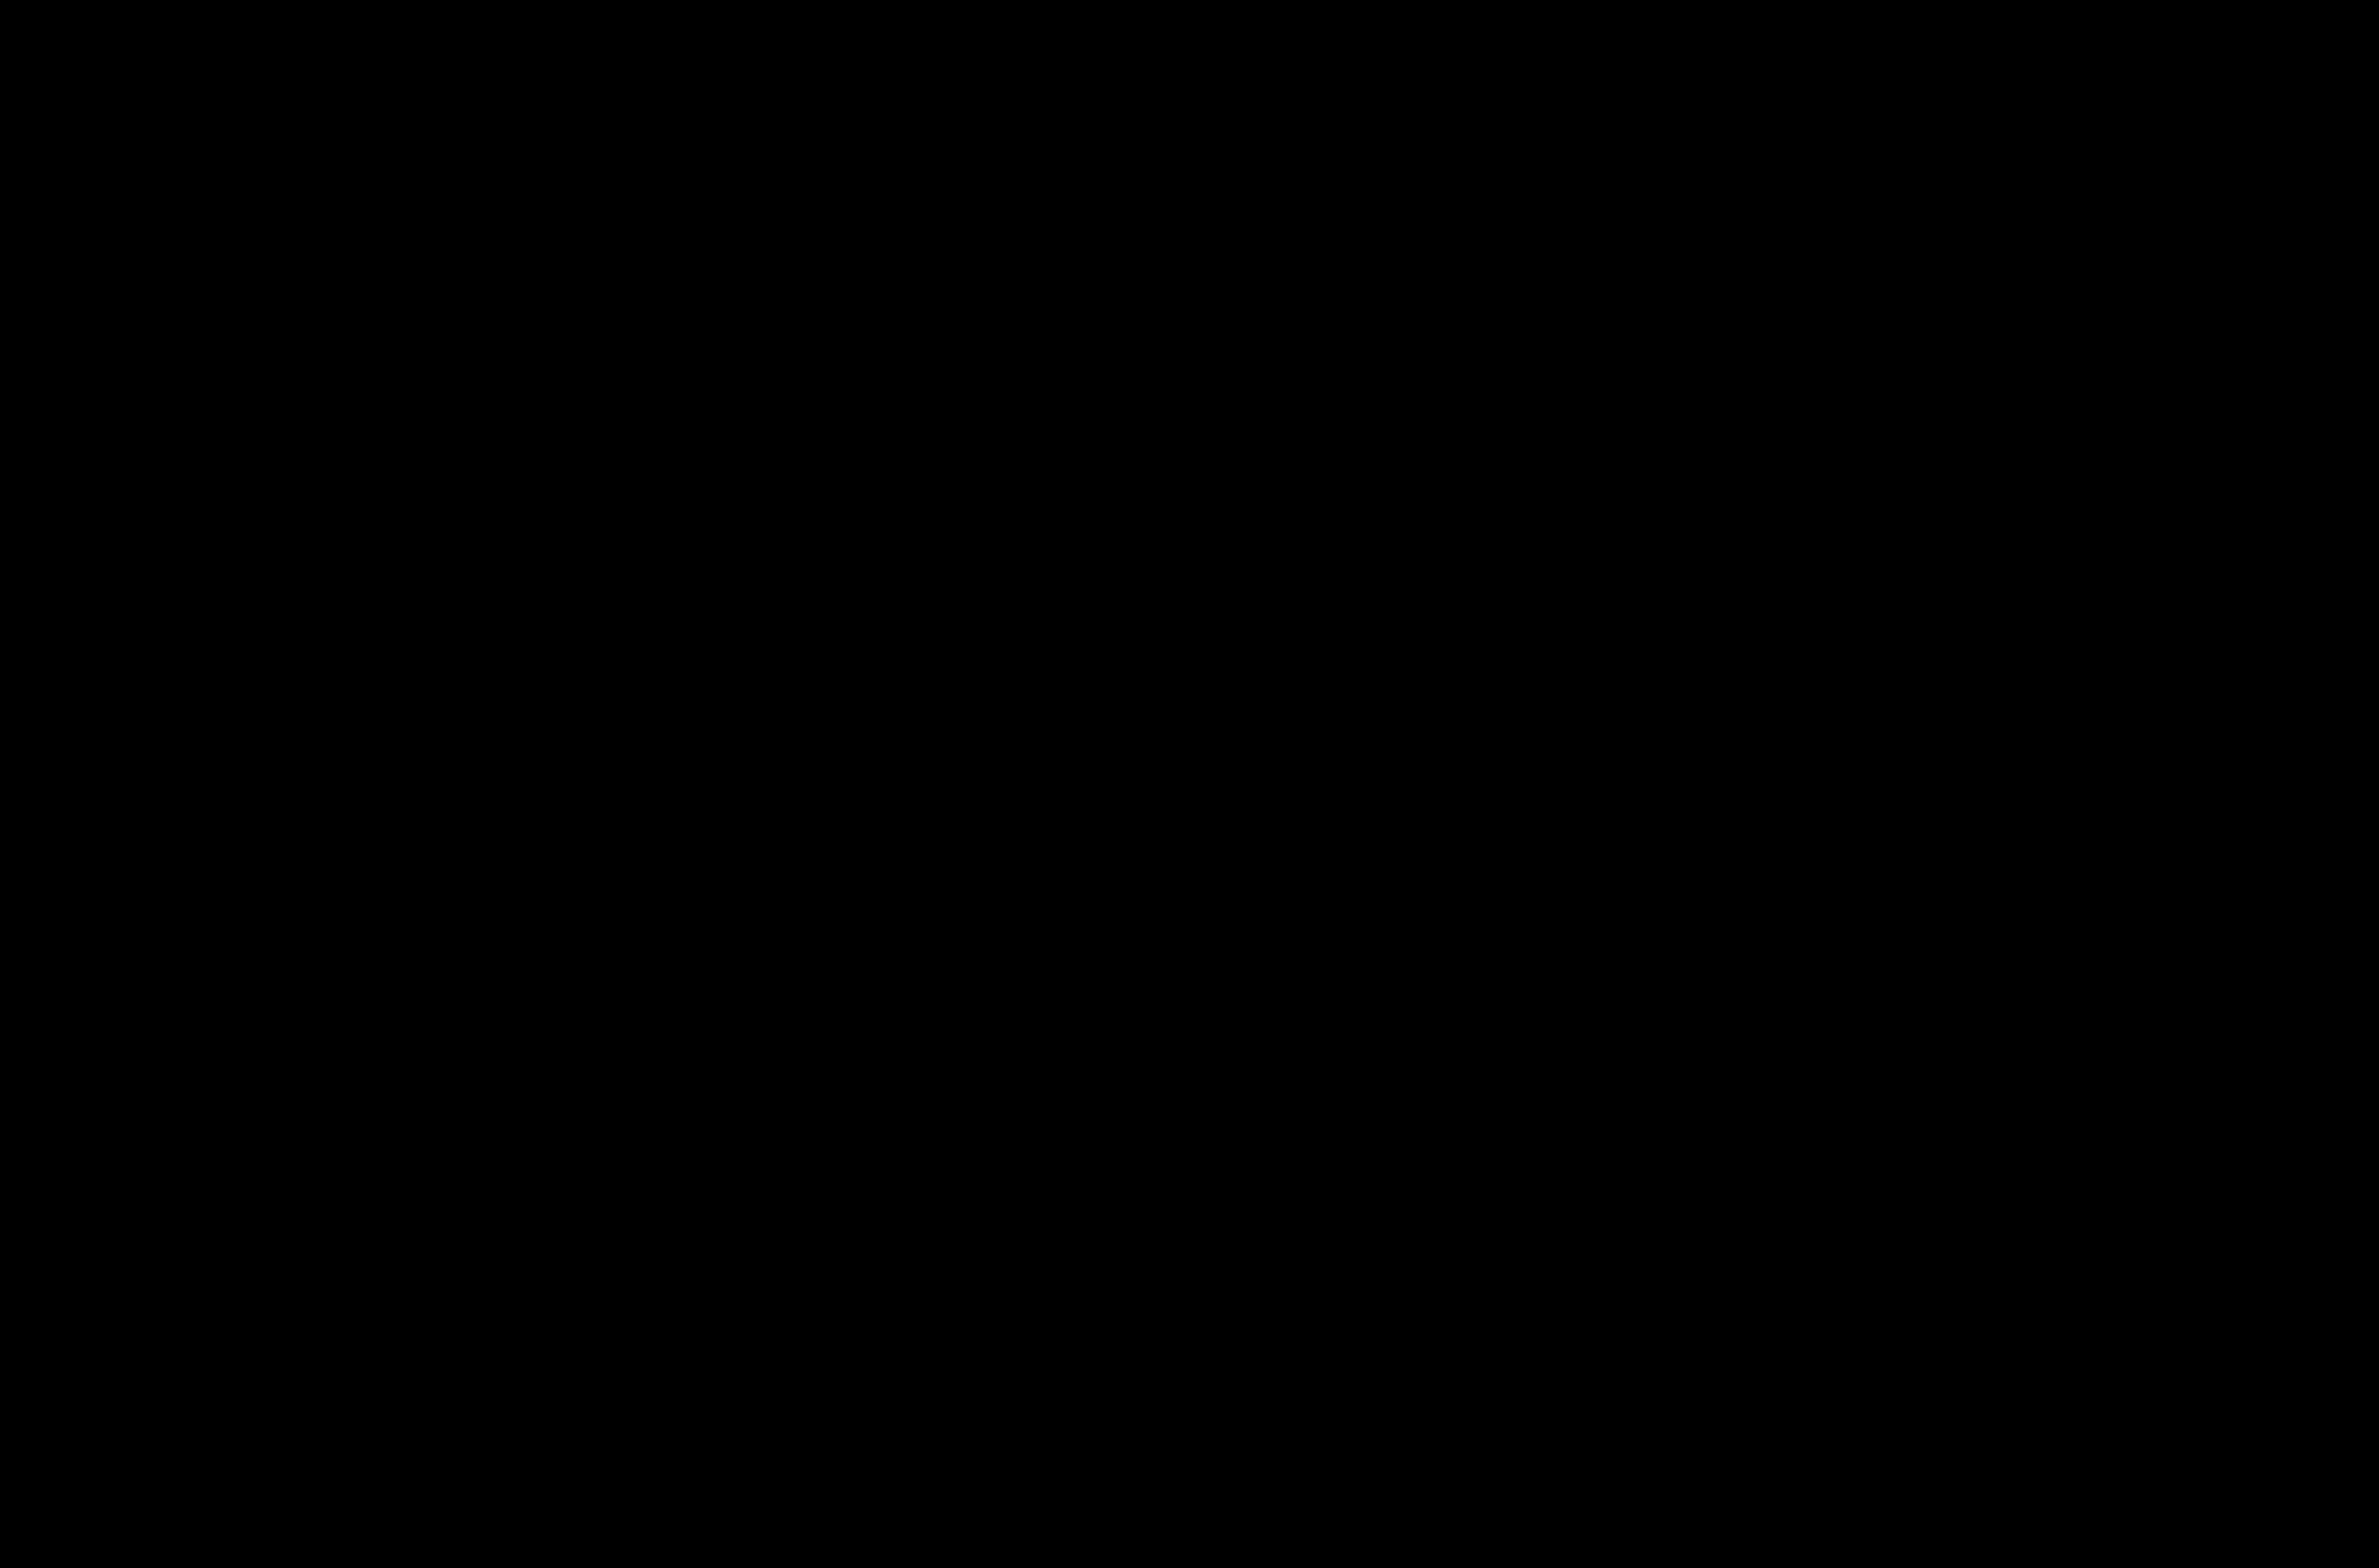 Hyundai feiert 30 Jahre in Deutschland mit exklusiven Sondermodellen